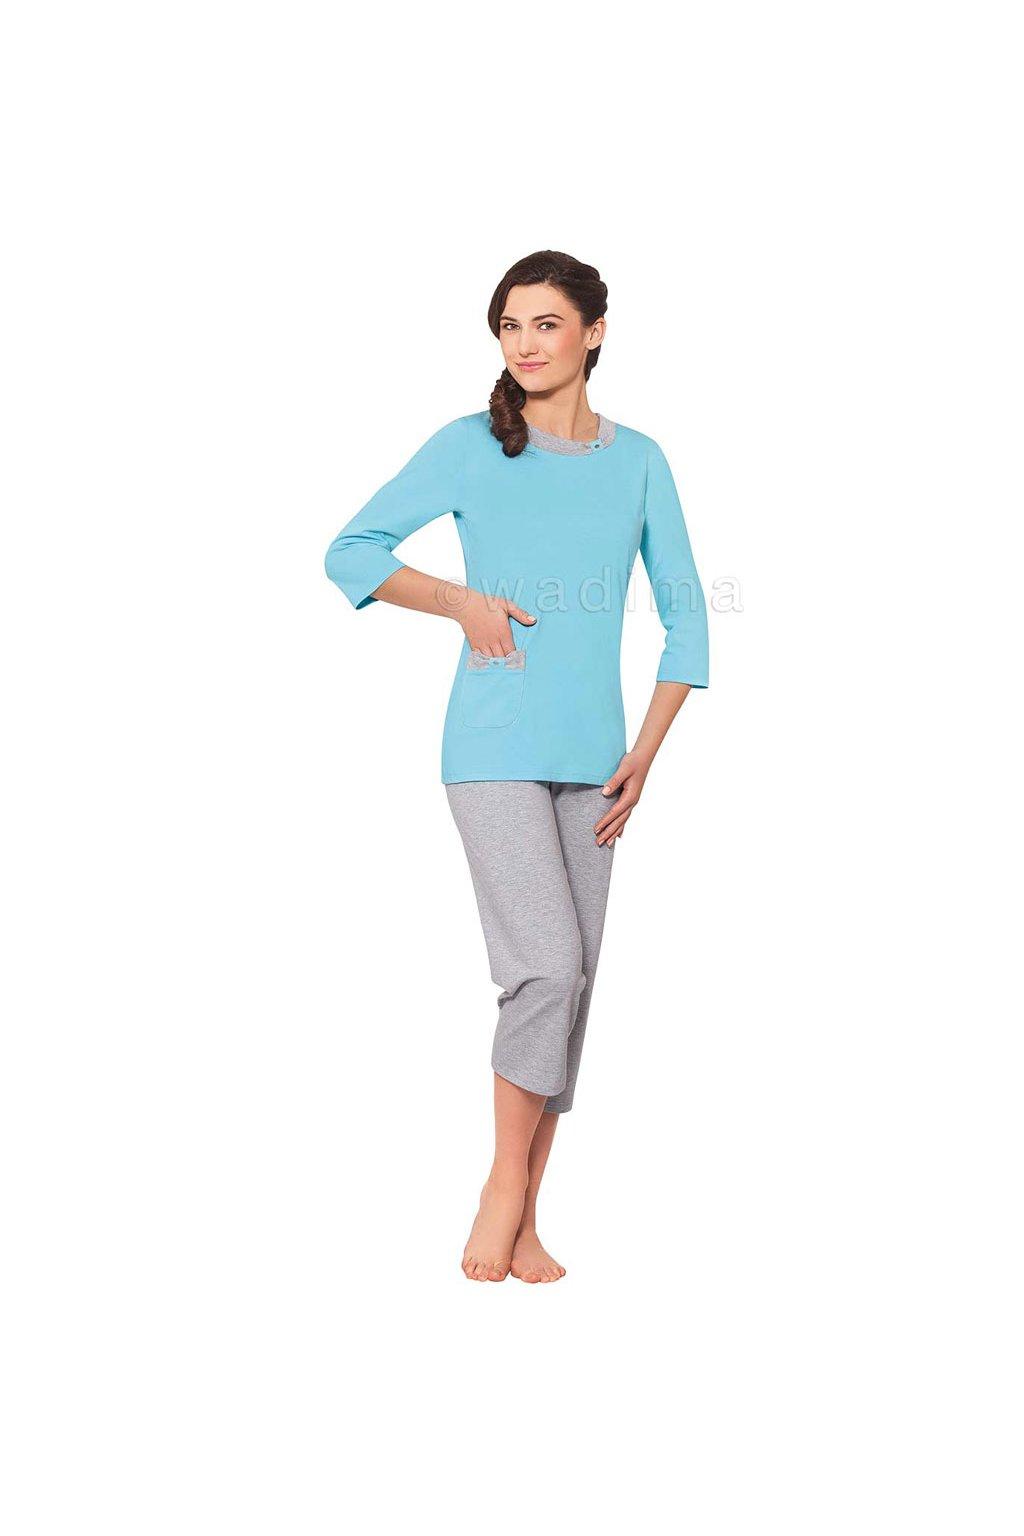 Dámské pyžamo s 3/4 rukávem, 104311 510, mix barev